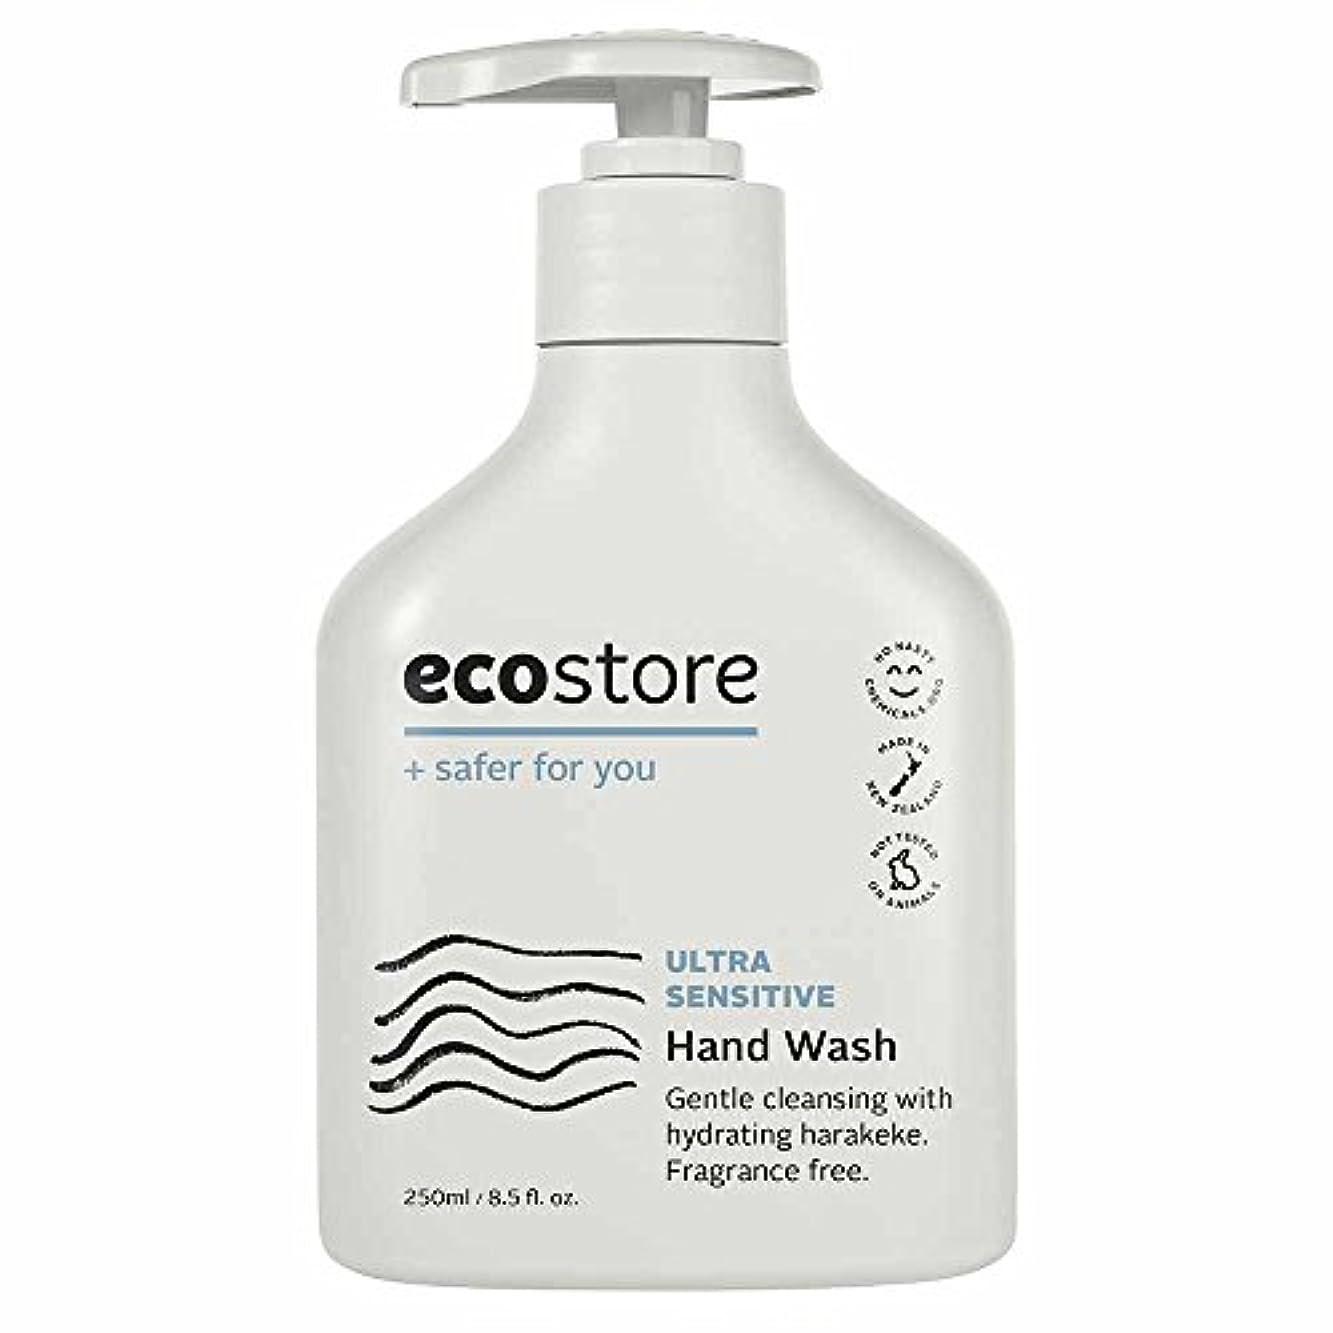 熱心なさびた夜ecostore(エコストア) ハンドウォッシュ 【無香料】 250ml 液体タイプ